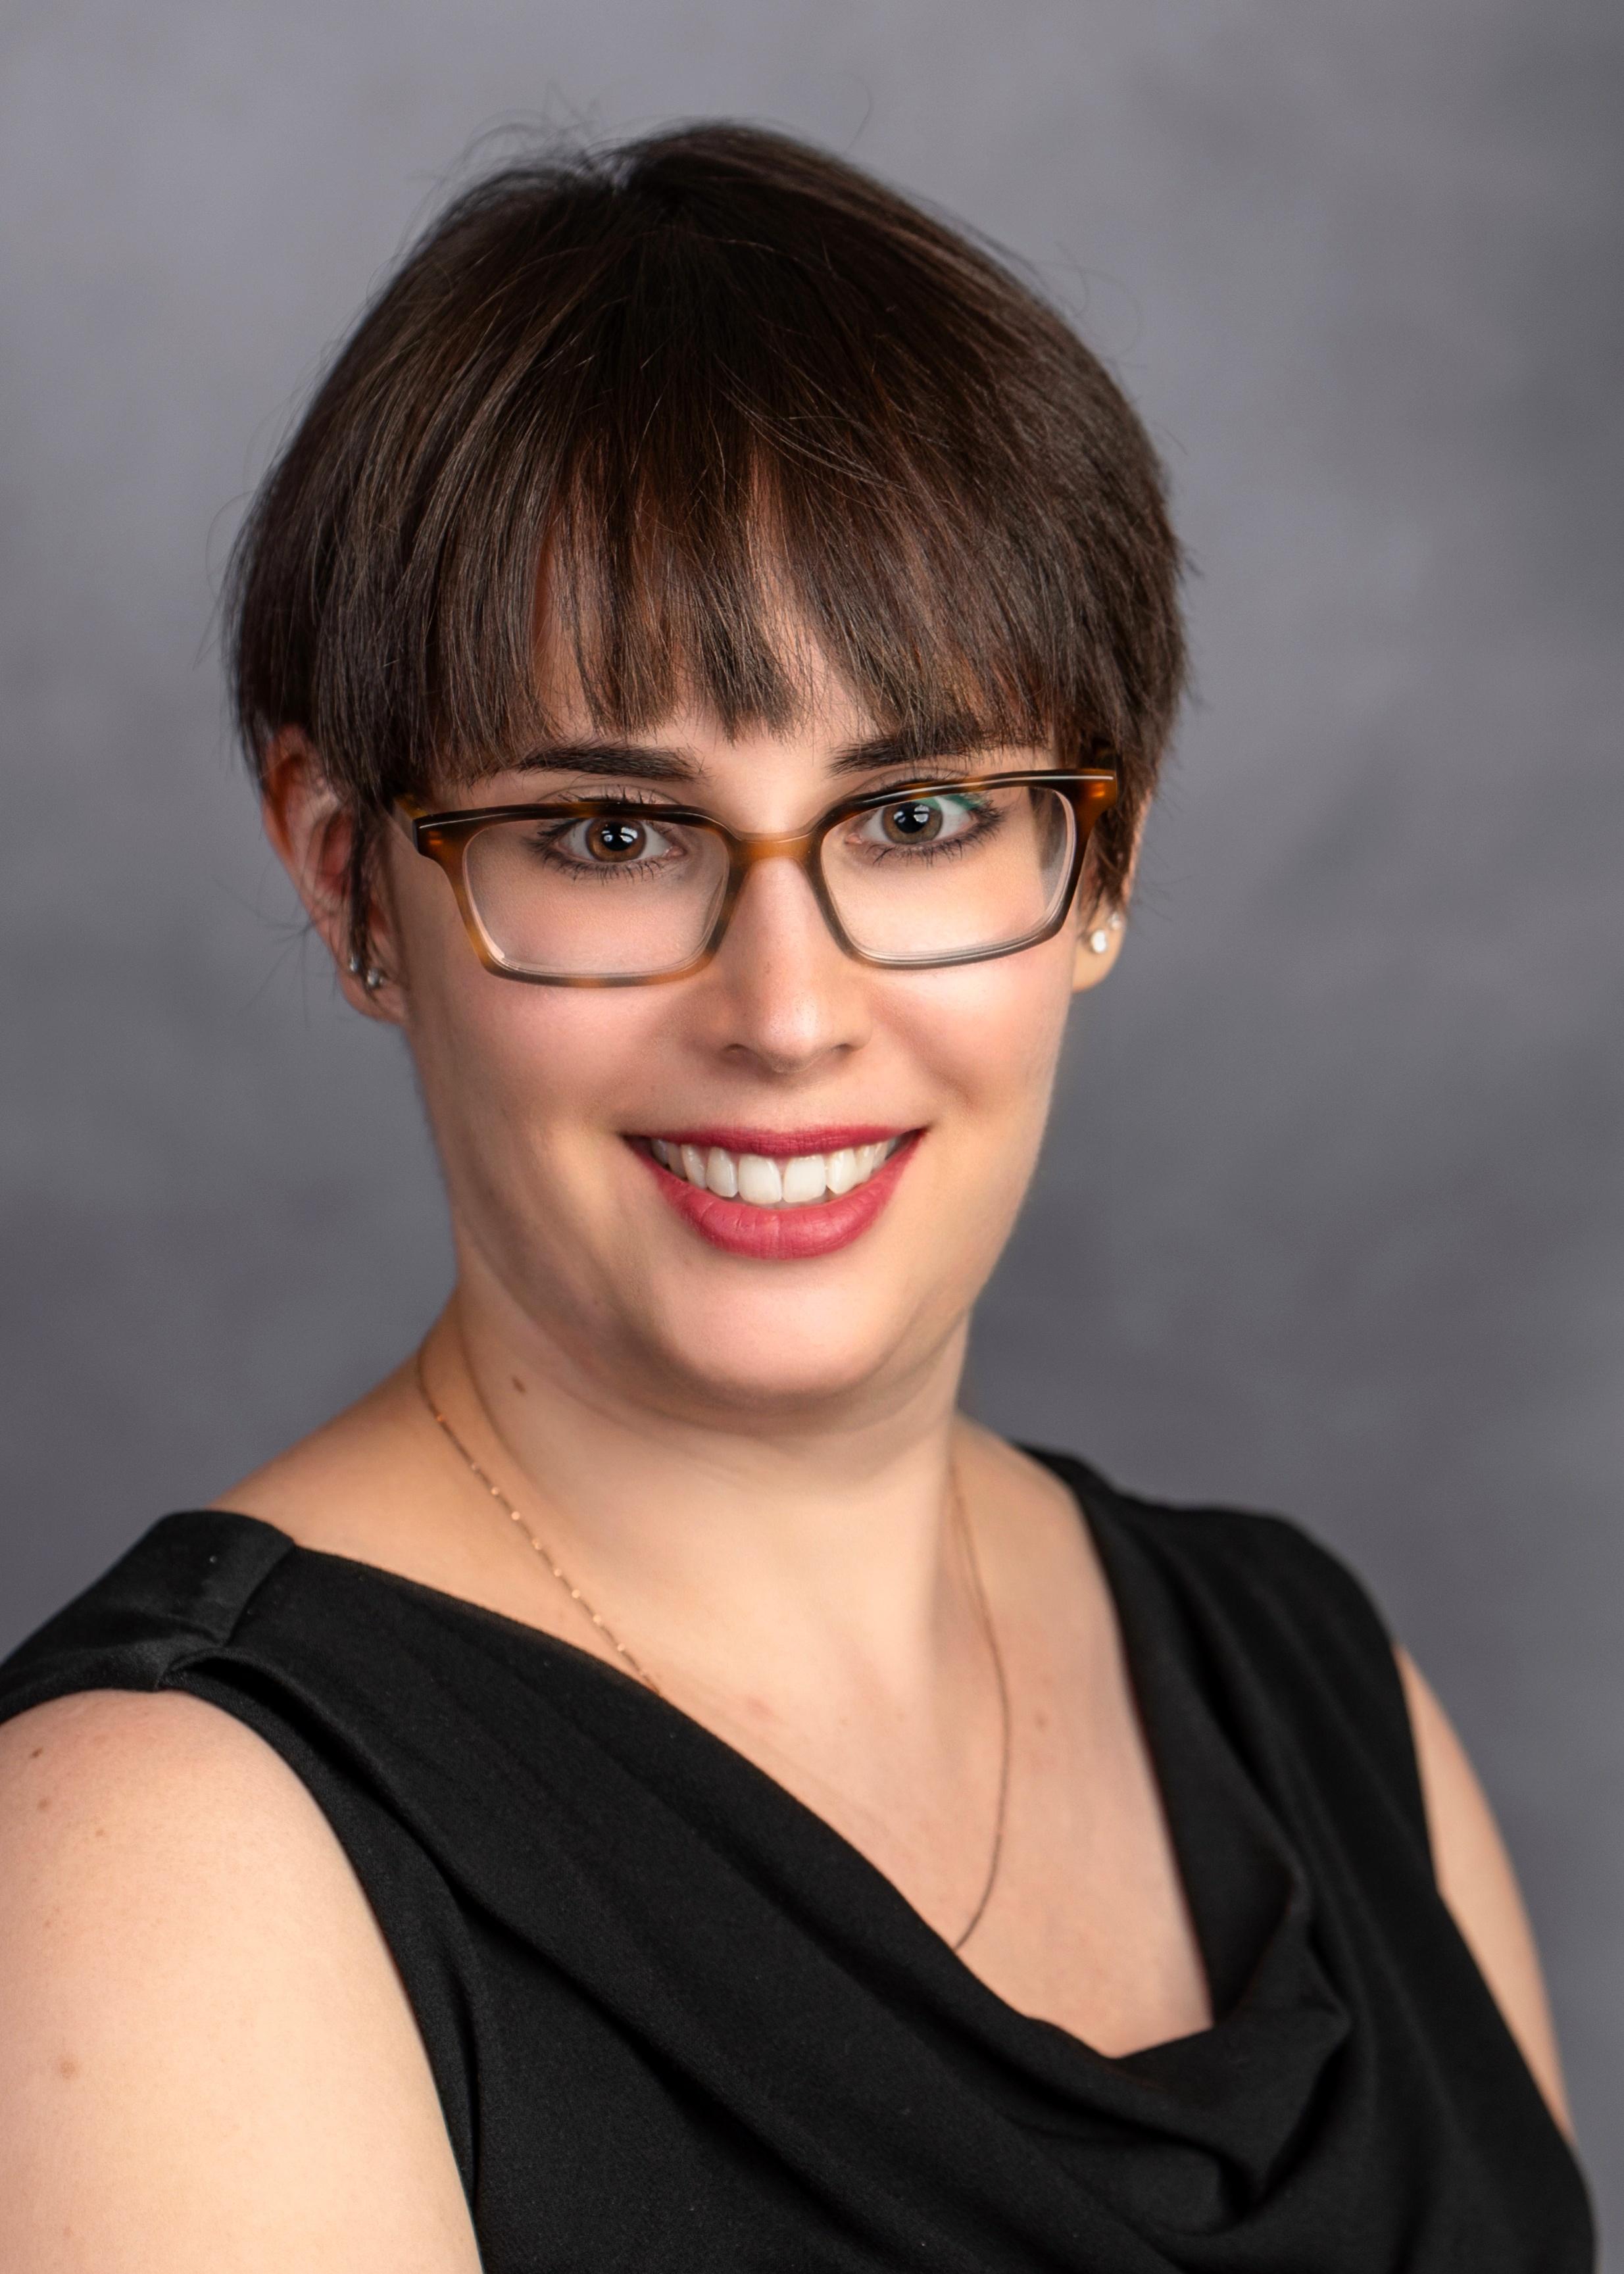 Sarah M. Hoban